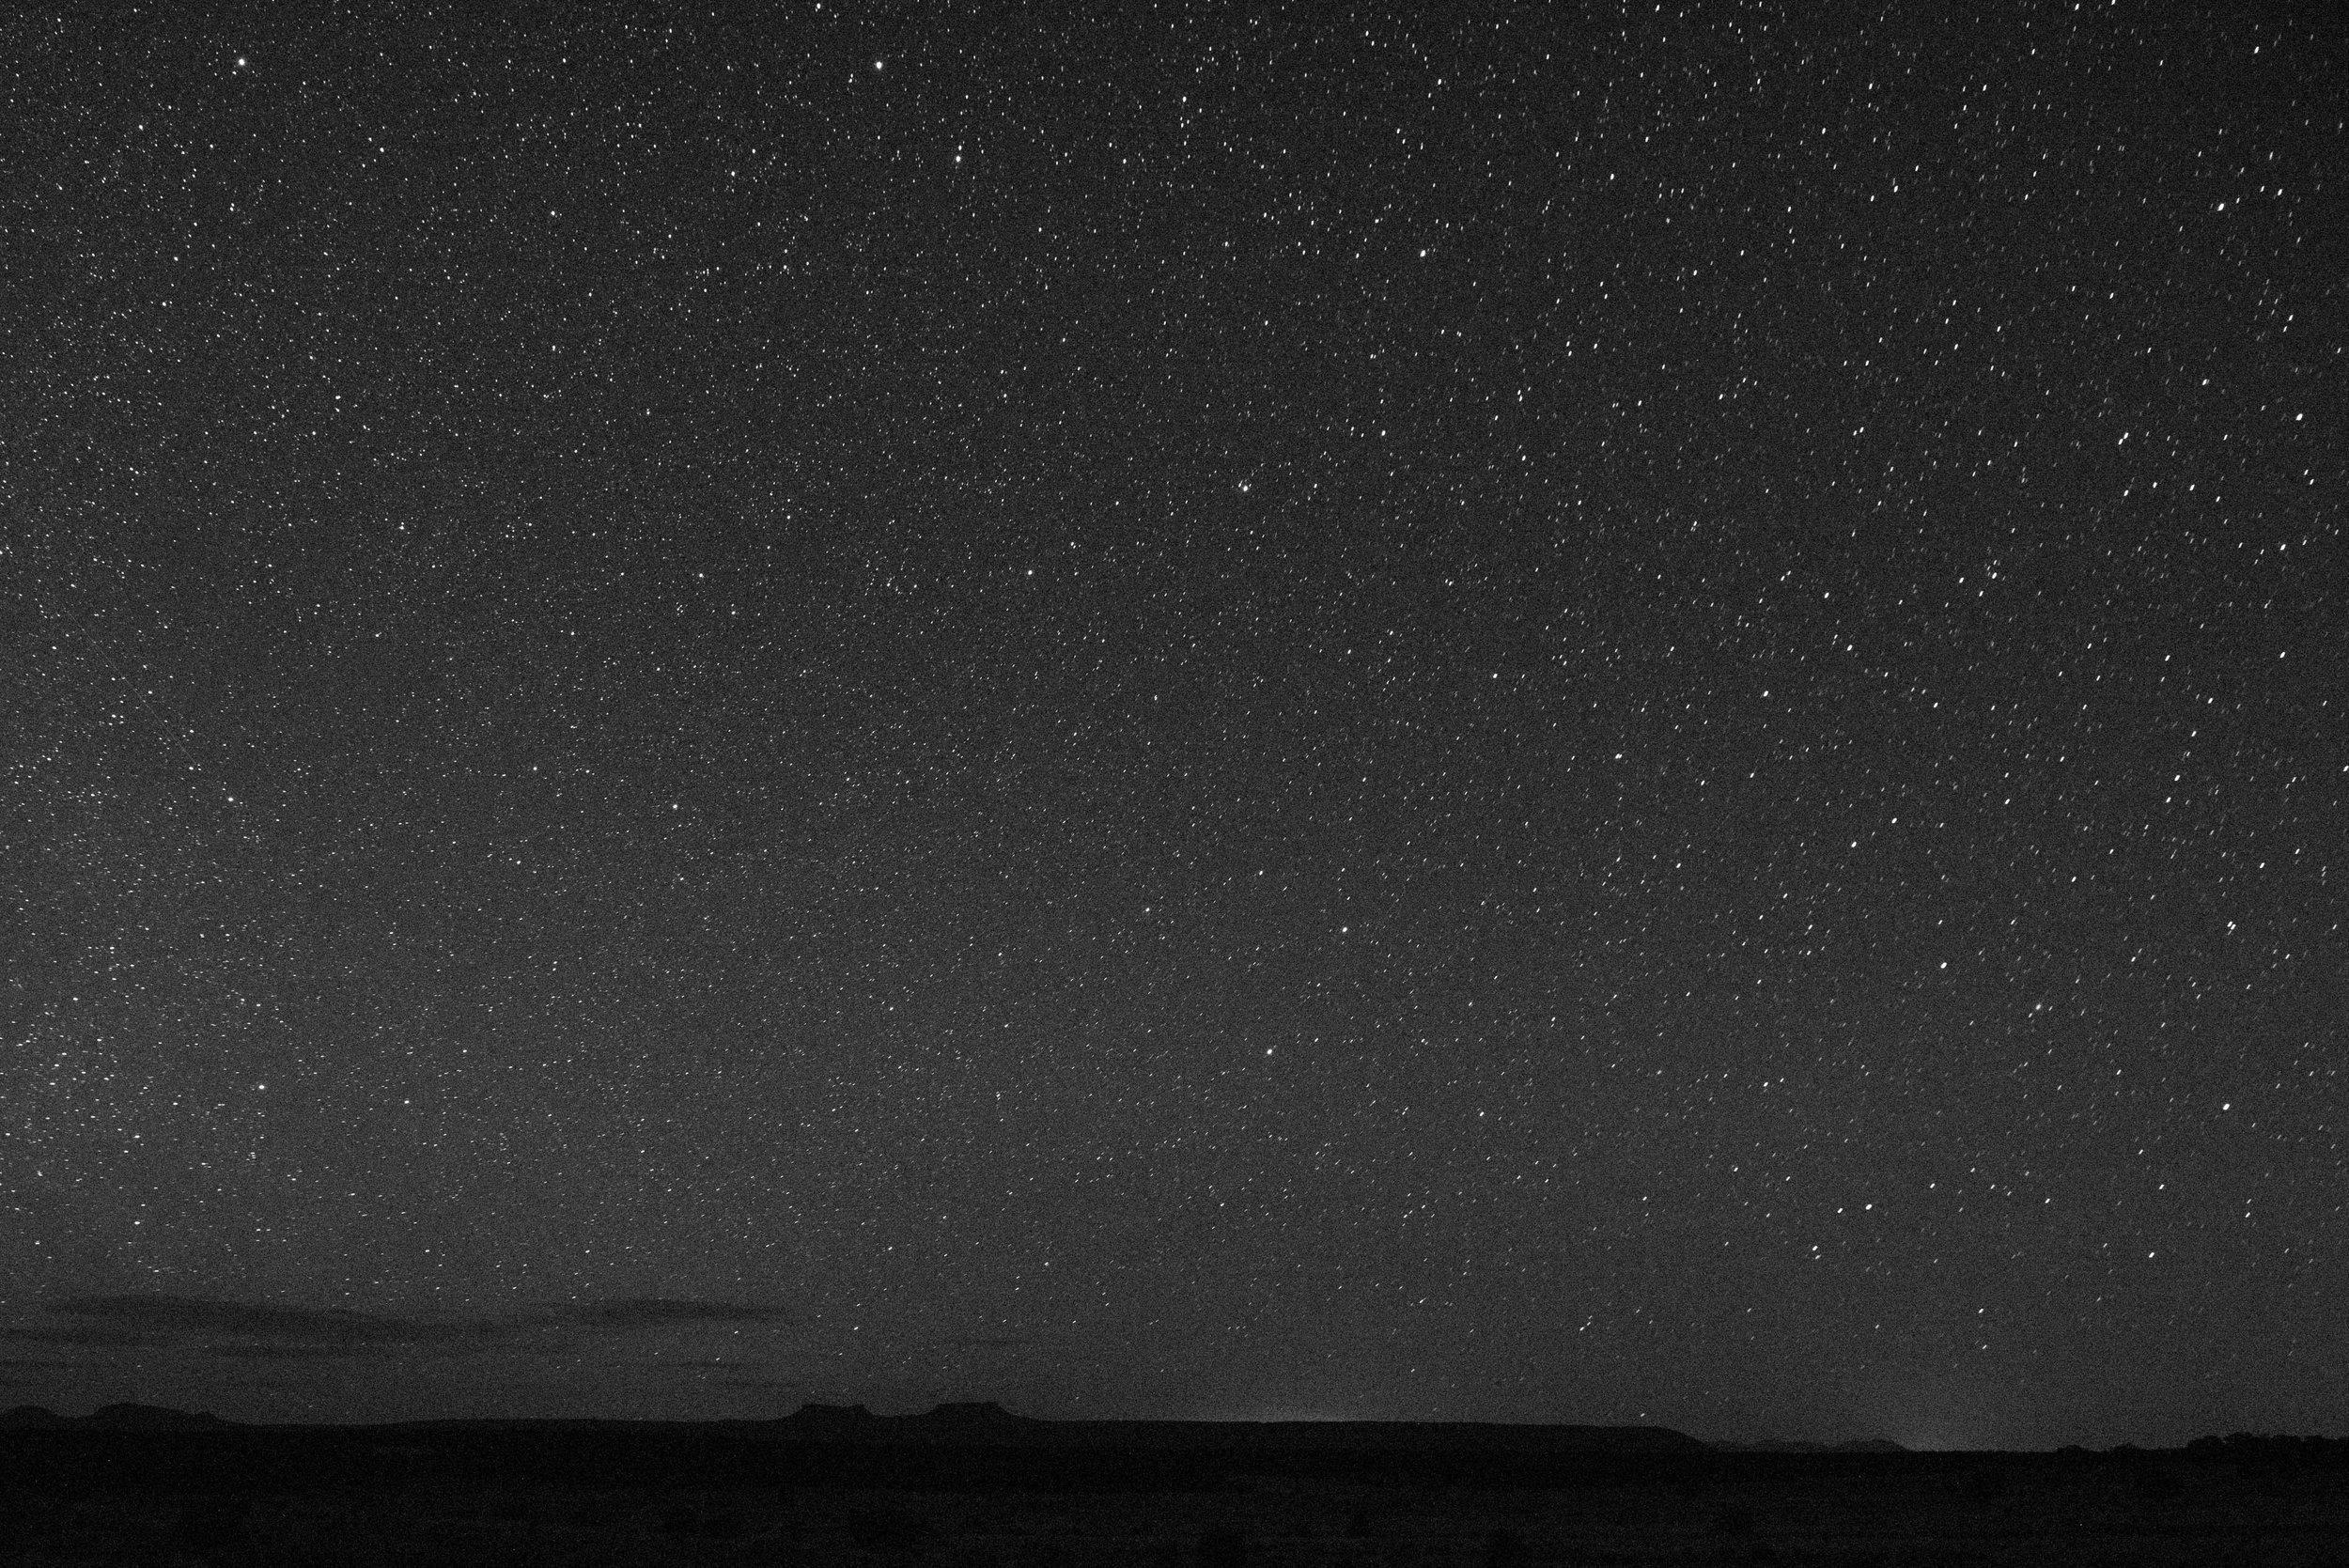 Bears Ears night sky. Looking north.